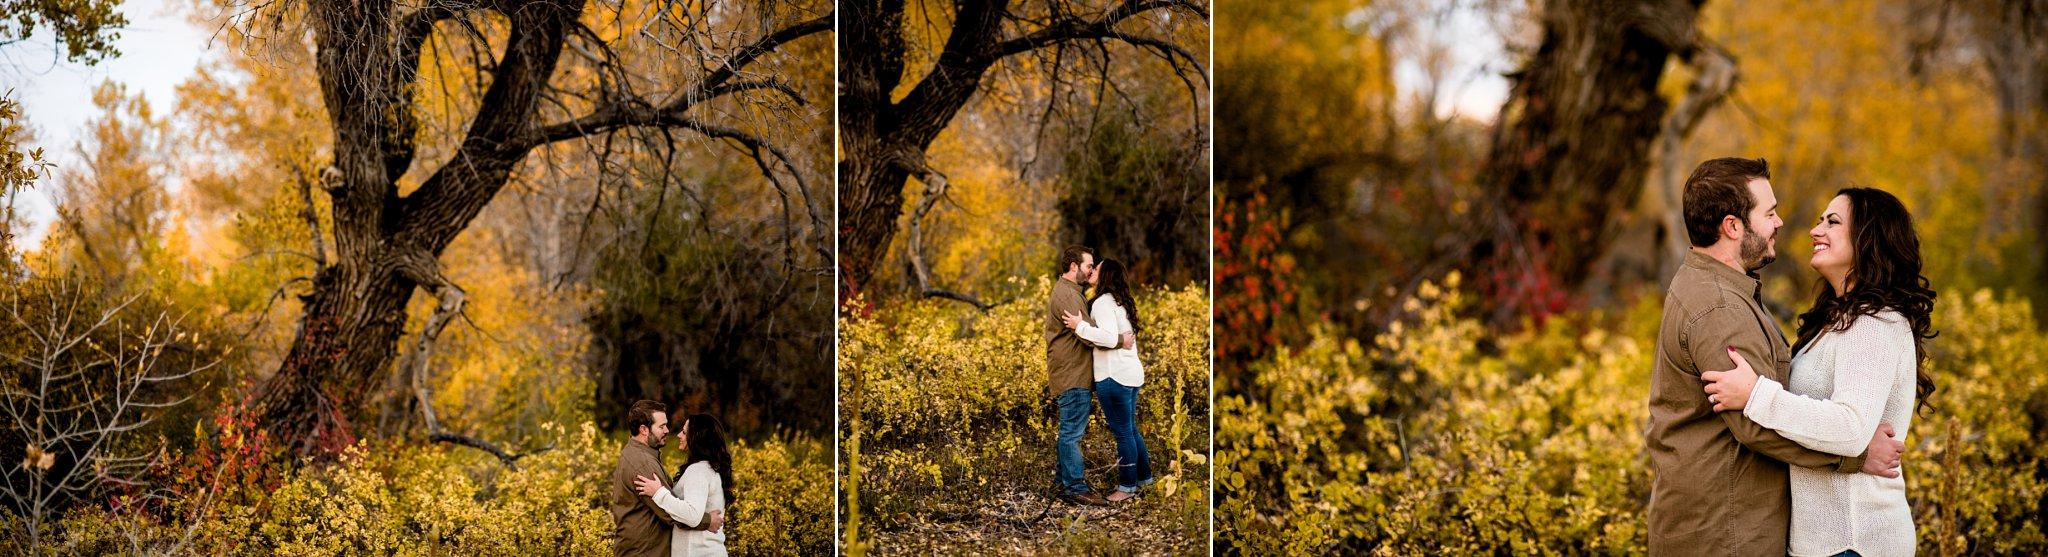 Boulder Engagement Session_0006.jpg